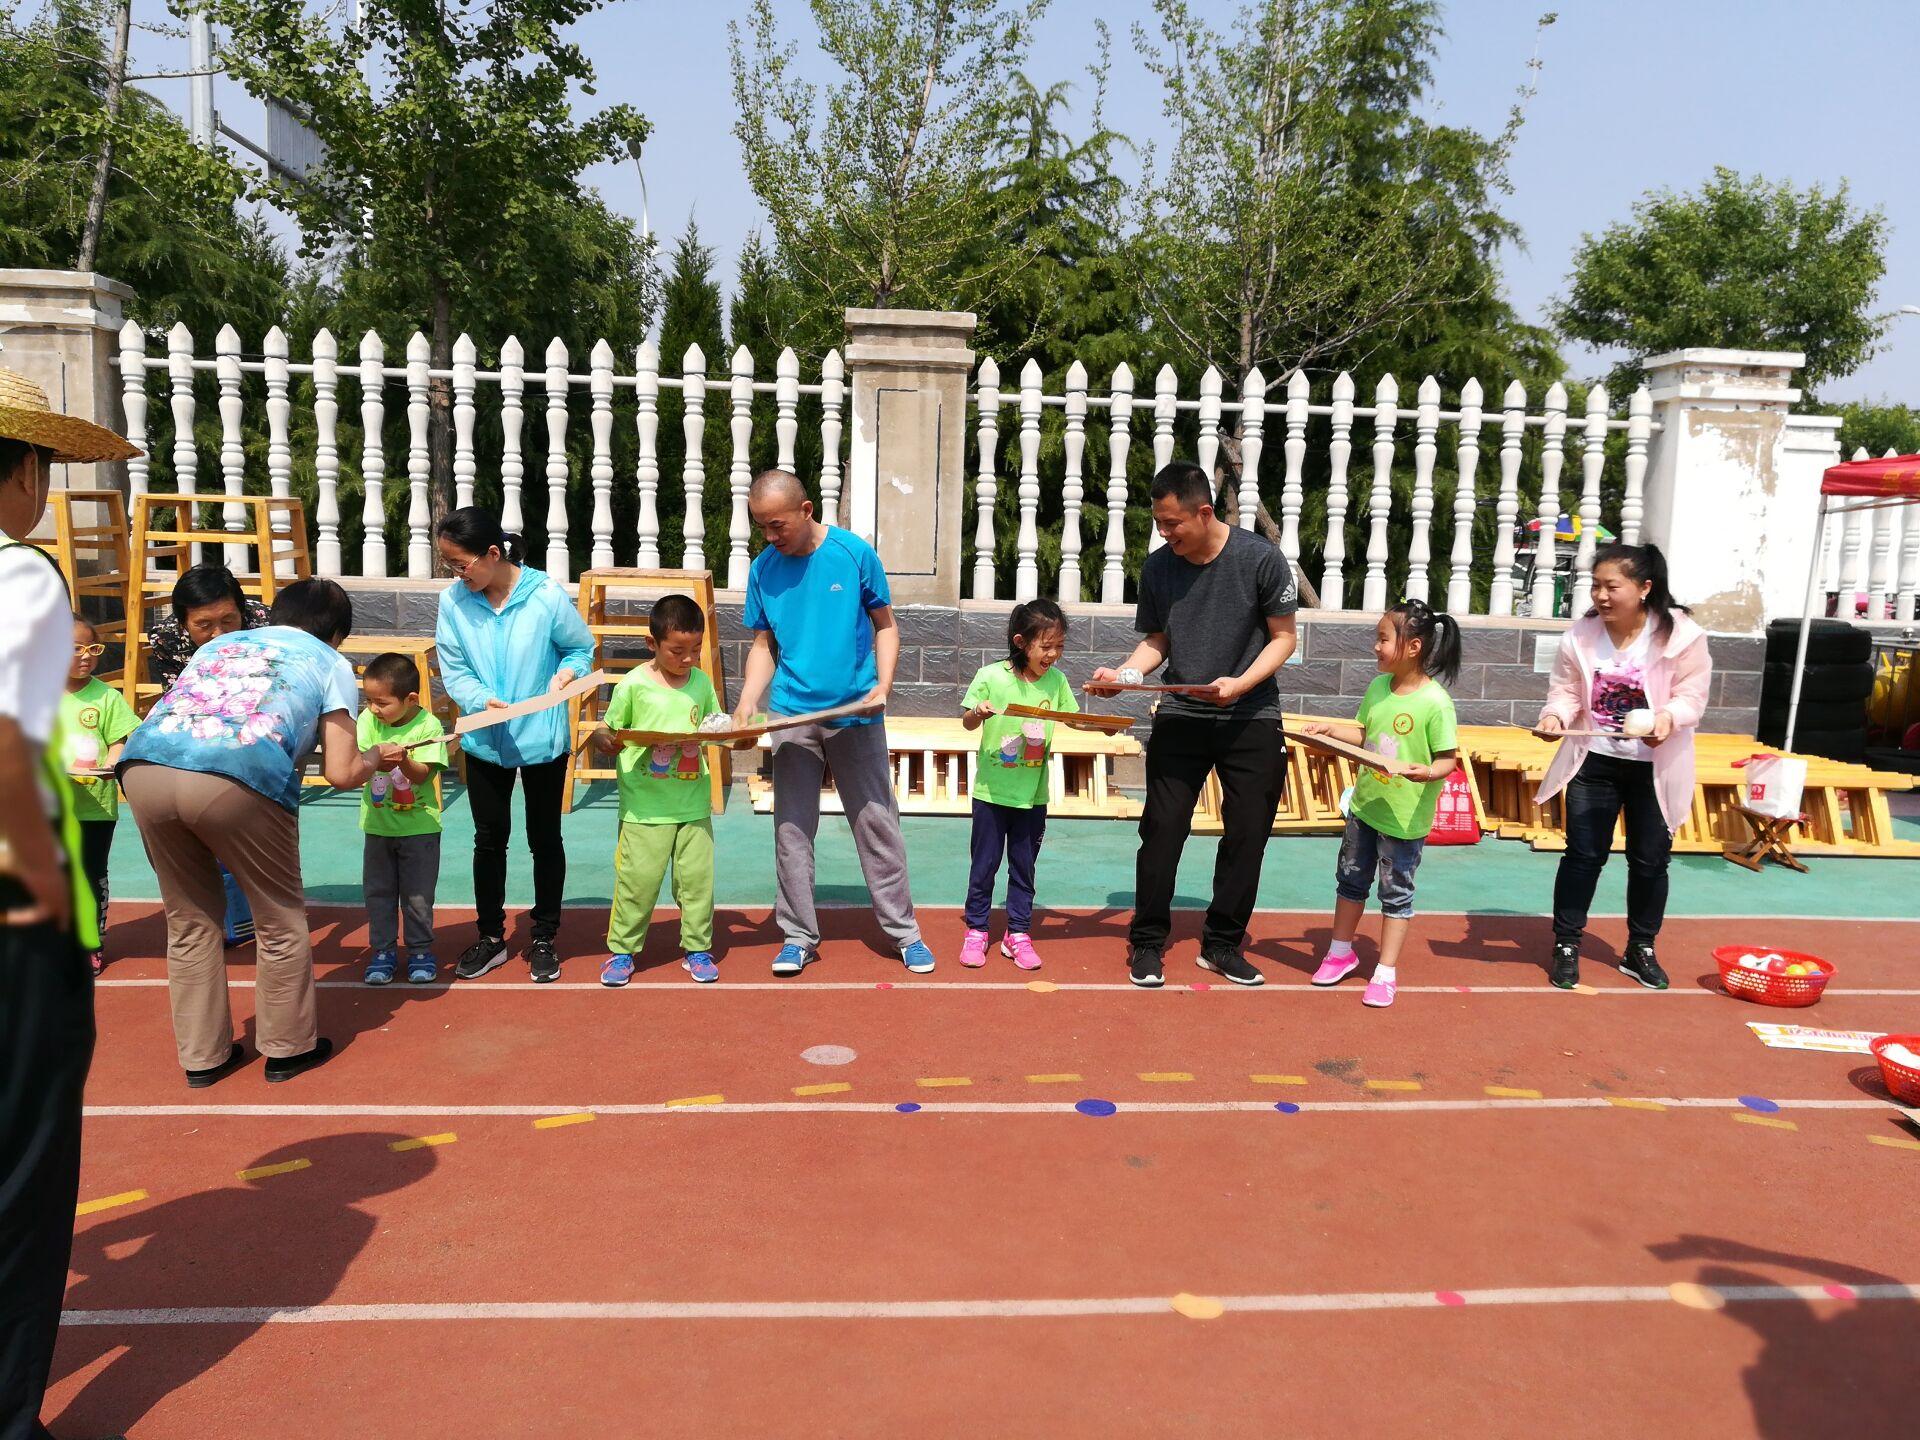 广饶县康居幼儿园|小三班|班级相册